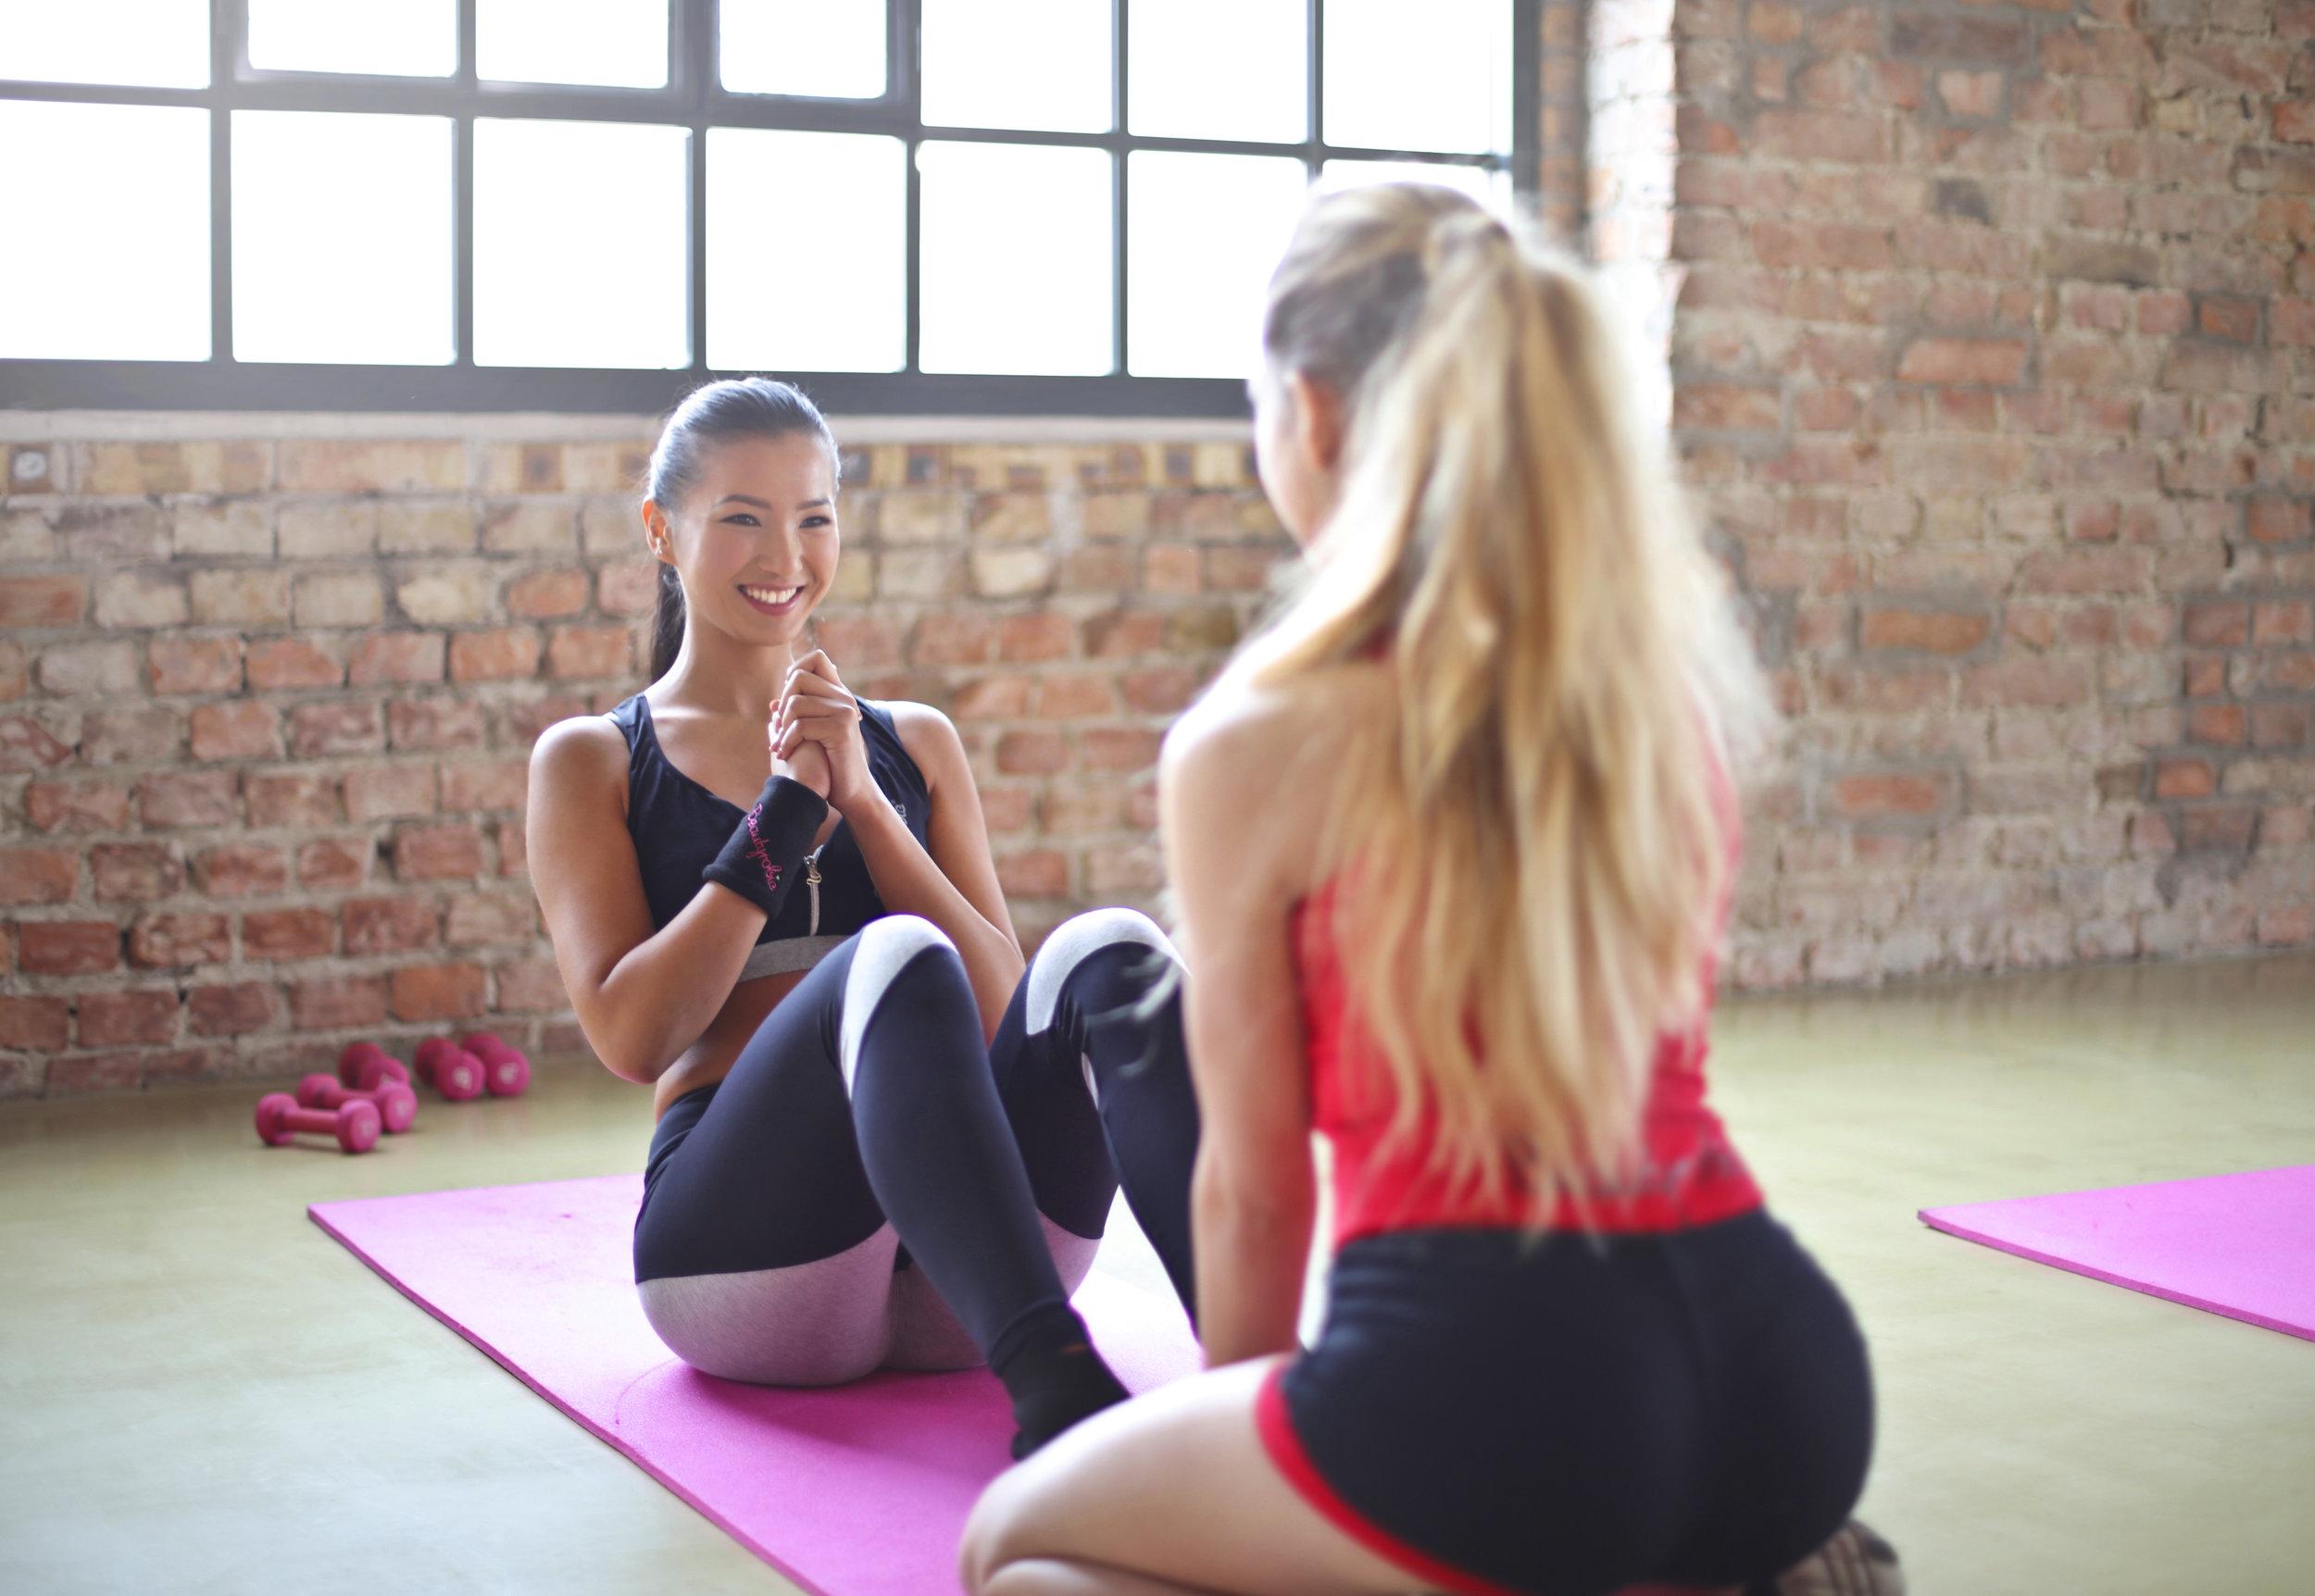 - - Eine große Auswahl an Übungen- Einen Progressionsguide- Tipps und Tricks rund ums Training- Individuelle Beratung & eRKLÄRUNGEN- Fachliches Wissen von unseren Trainern- Gesund und fit zum Ziel